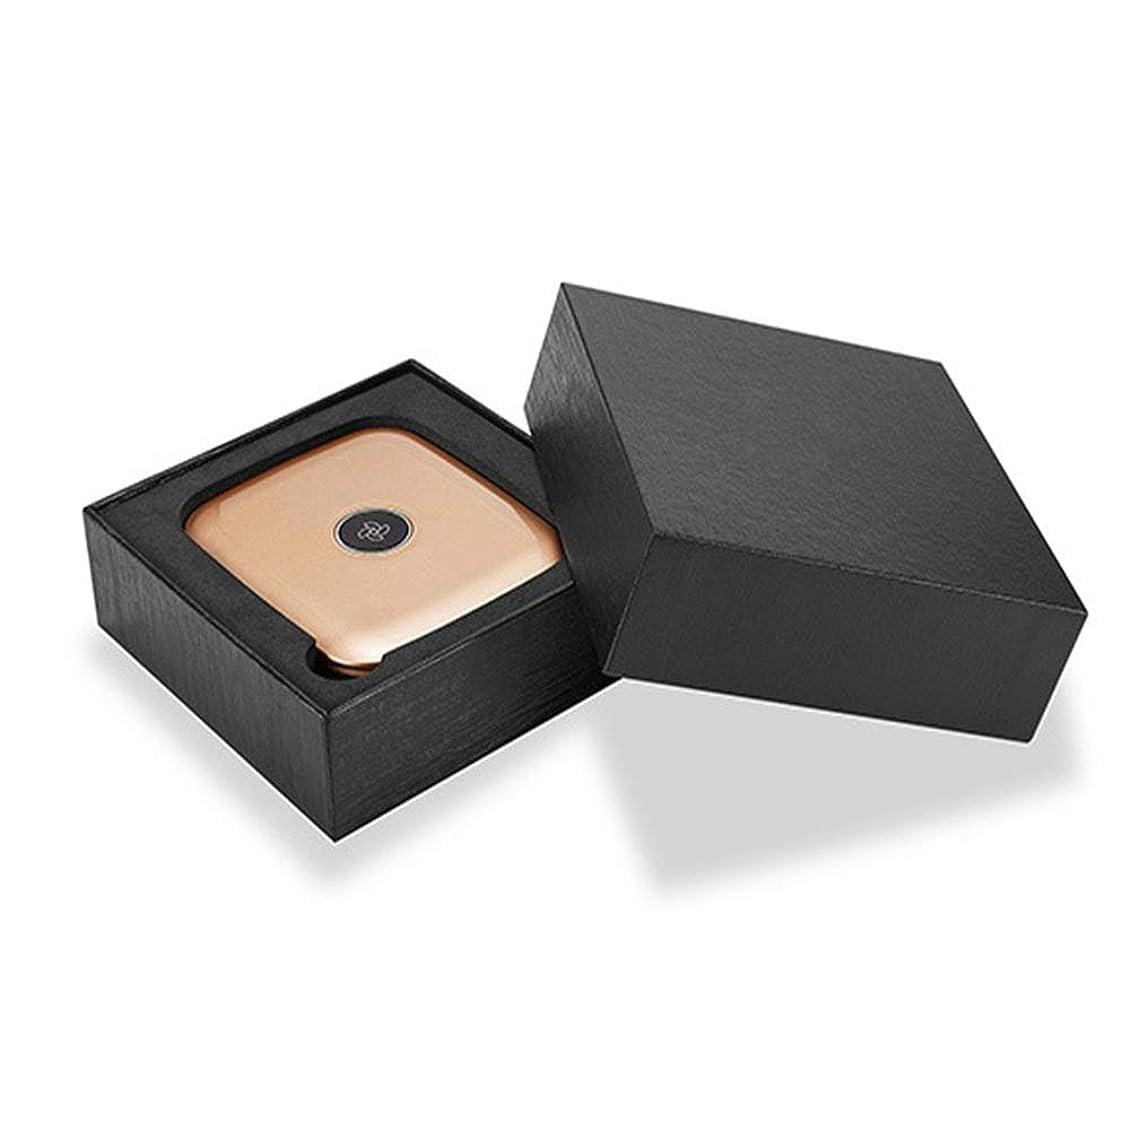 肉豪華な魅了する化粧鏡 LEDライト、タッチスクリーンと1X / 5X倍率ミラー、パワーサプライモードの化粧鏡を備えてライトアップバニティミラーを折り、旅行化粧鏡 (色 : 黄, サイズ : 8.5x9.7cm)